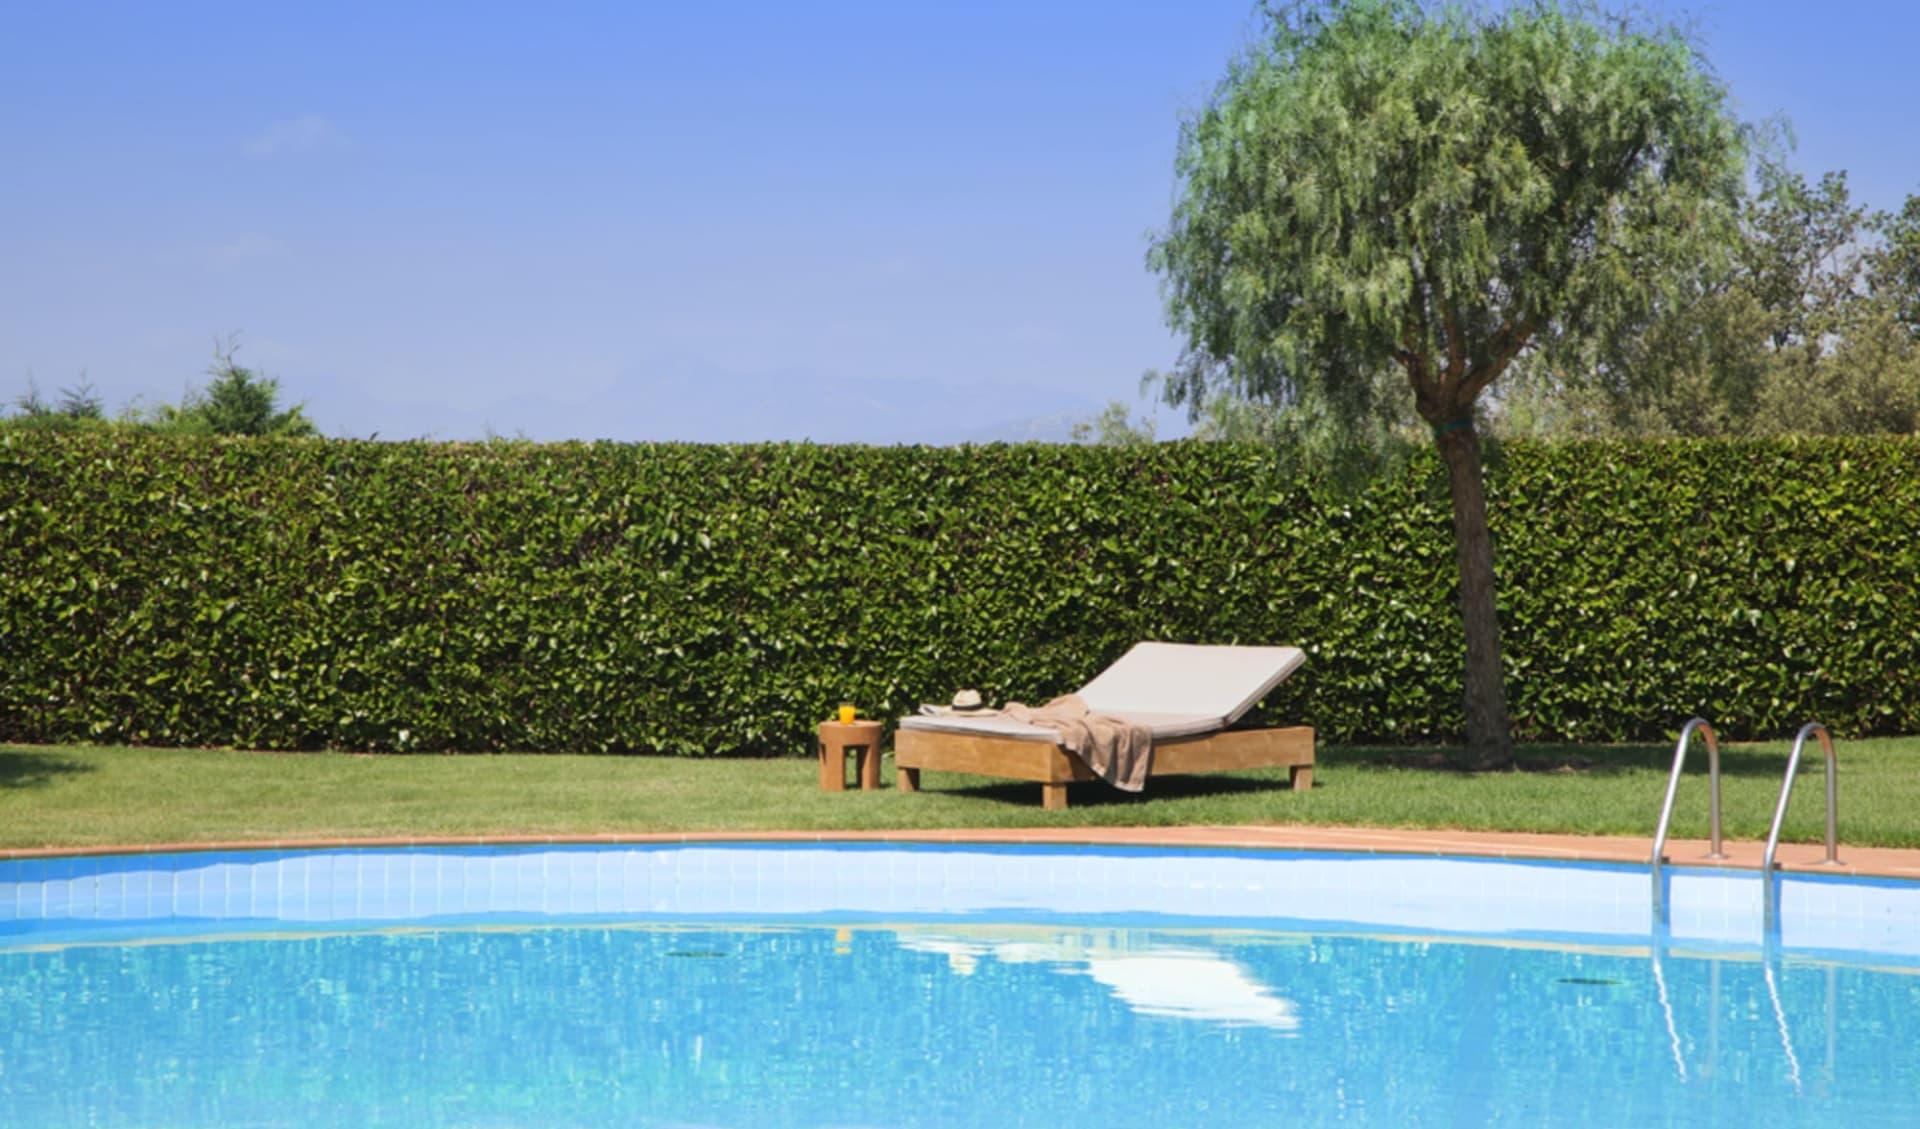 16.10. - 23.10.2021 Golf Trainingswoche an der Costa Brava (nur noch Warteliste möglich) ab Barcelona: Peralada Pool